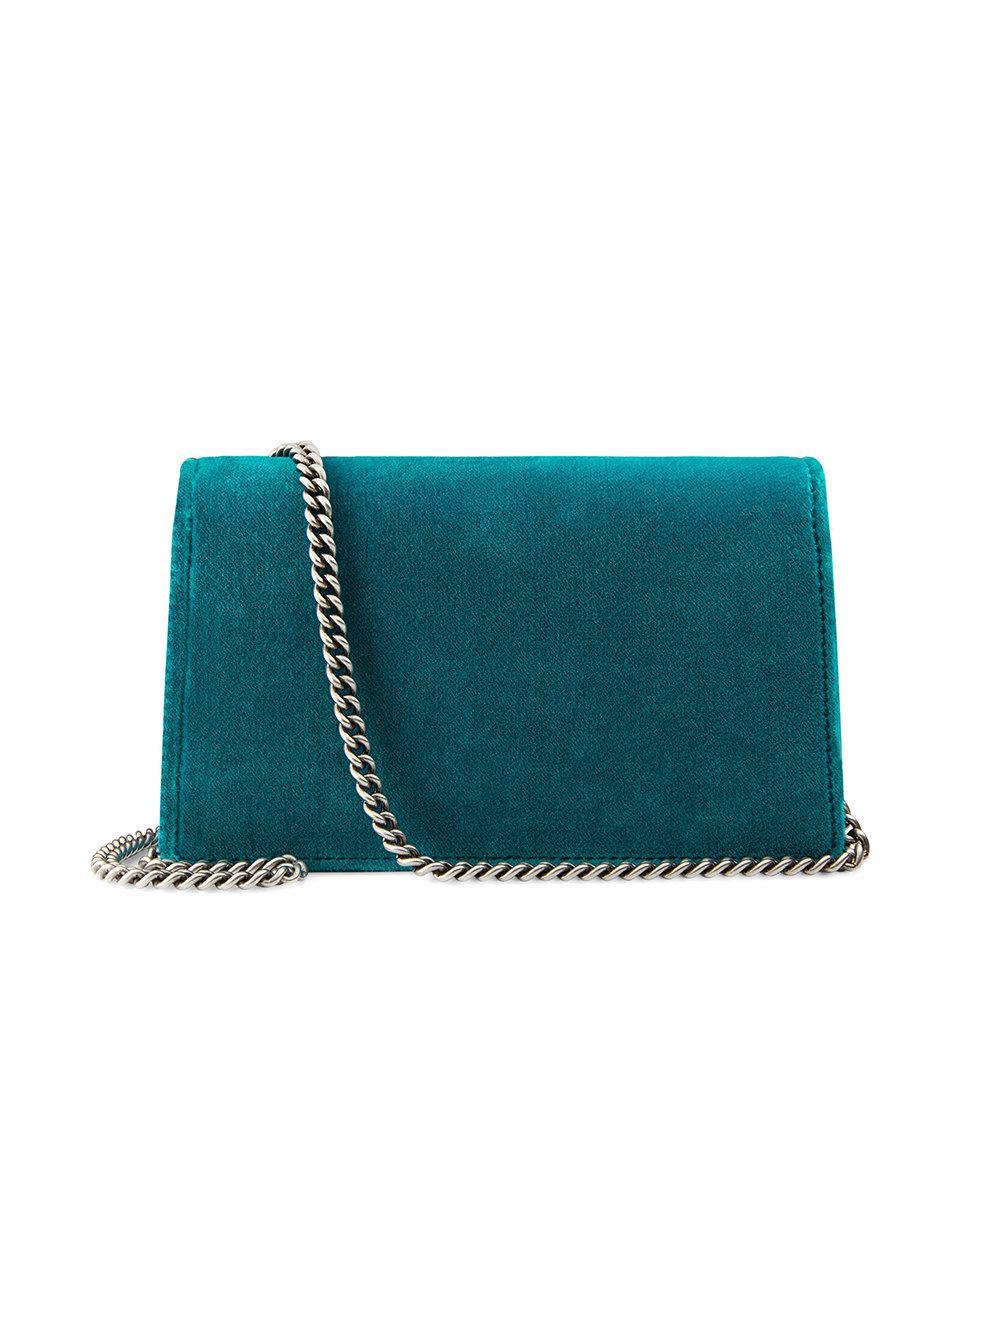 ef2e70c5f44 Lyst - Gucci Dionysus Velvet Super Mini Bag in Blue